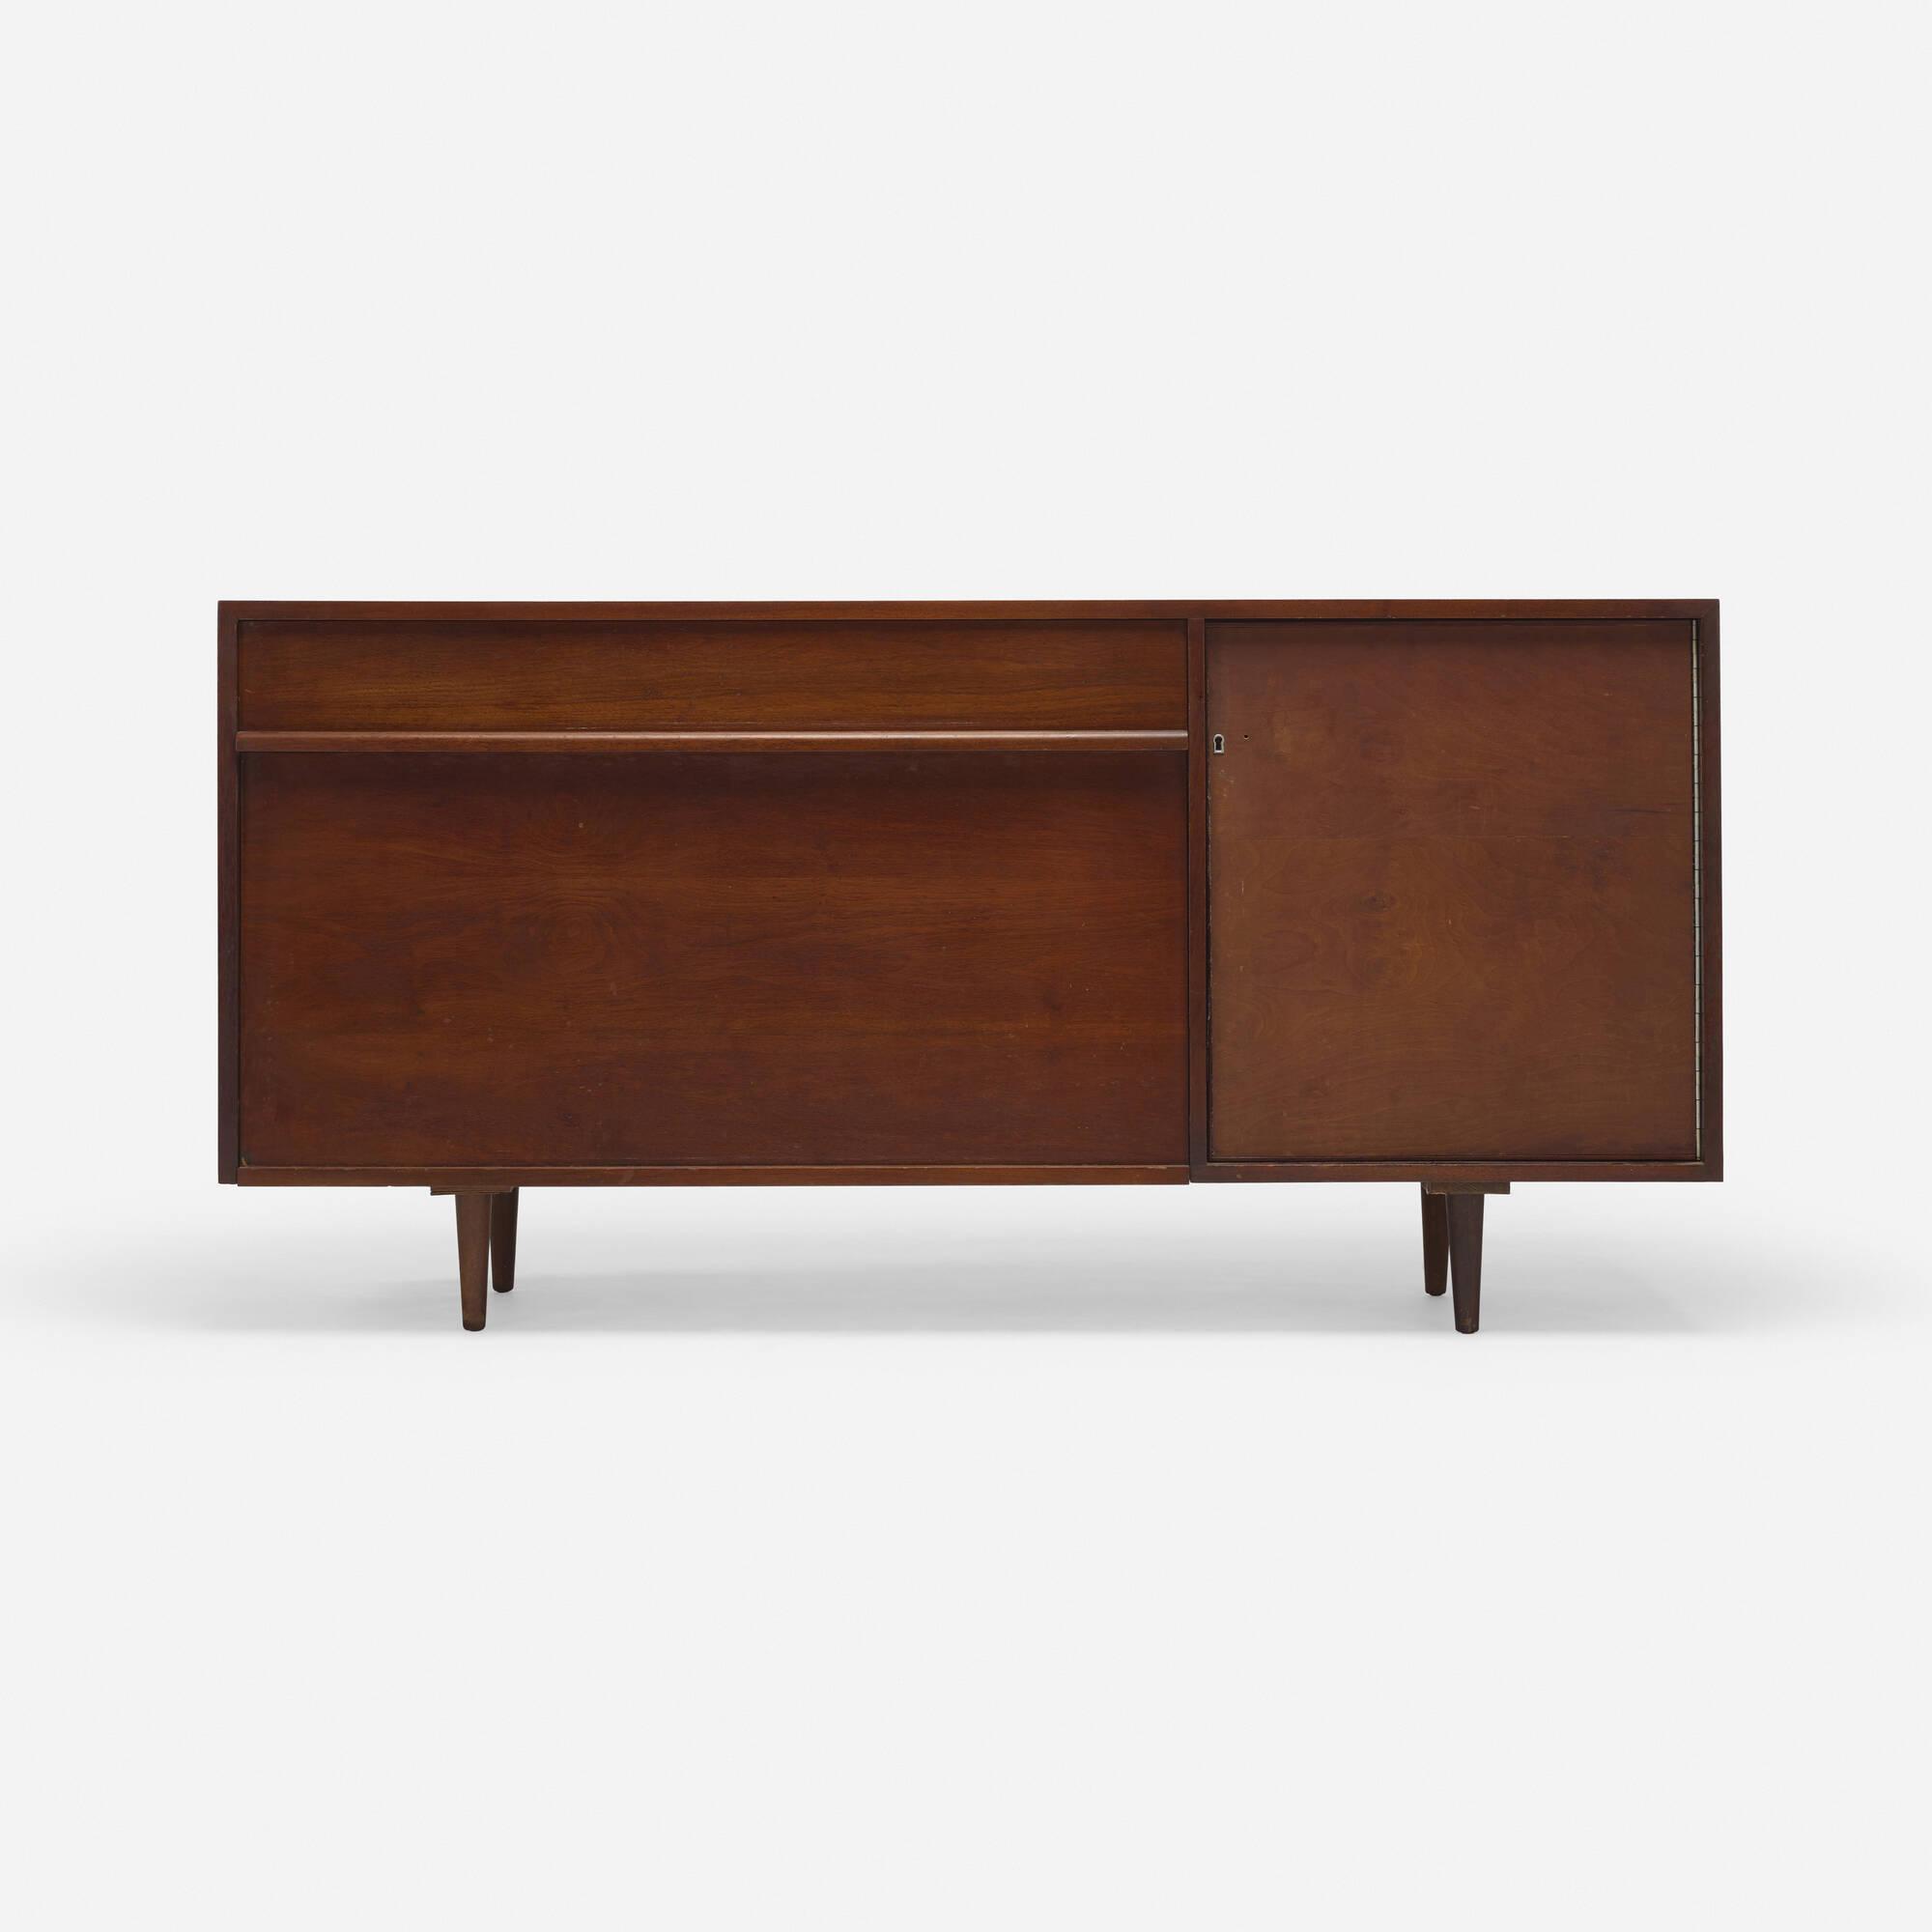 151: Milo Baughman / cabinet, model 1632 (1 of 2)